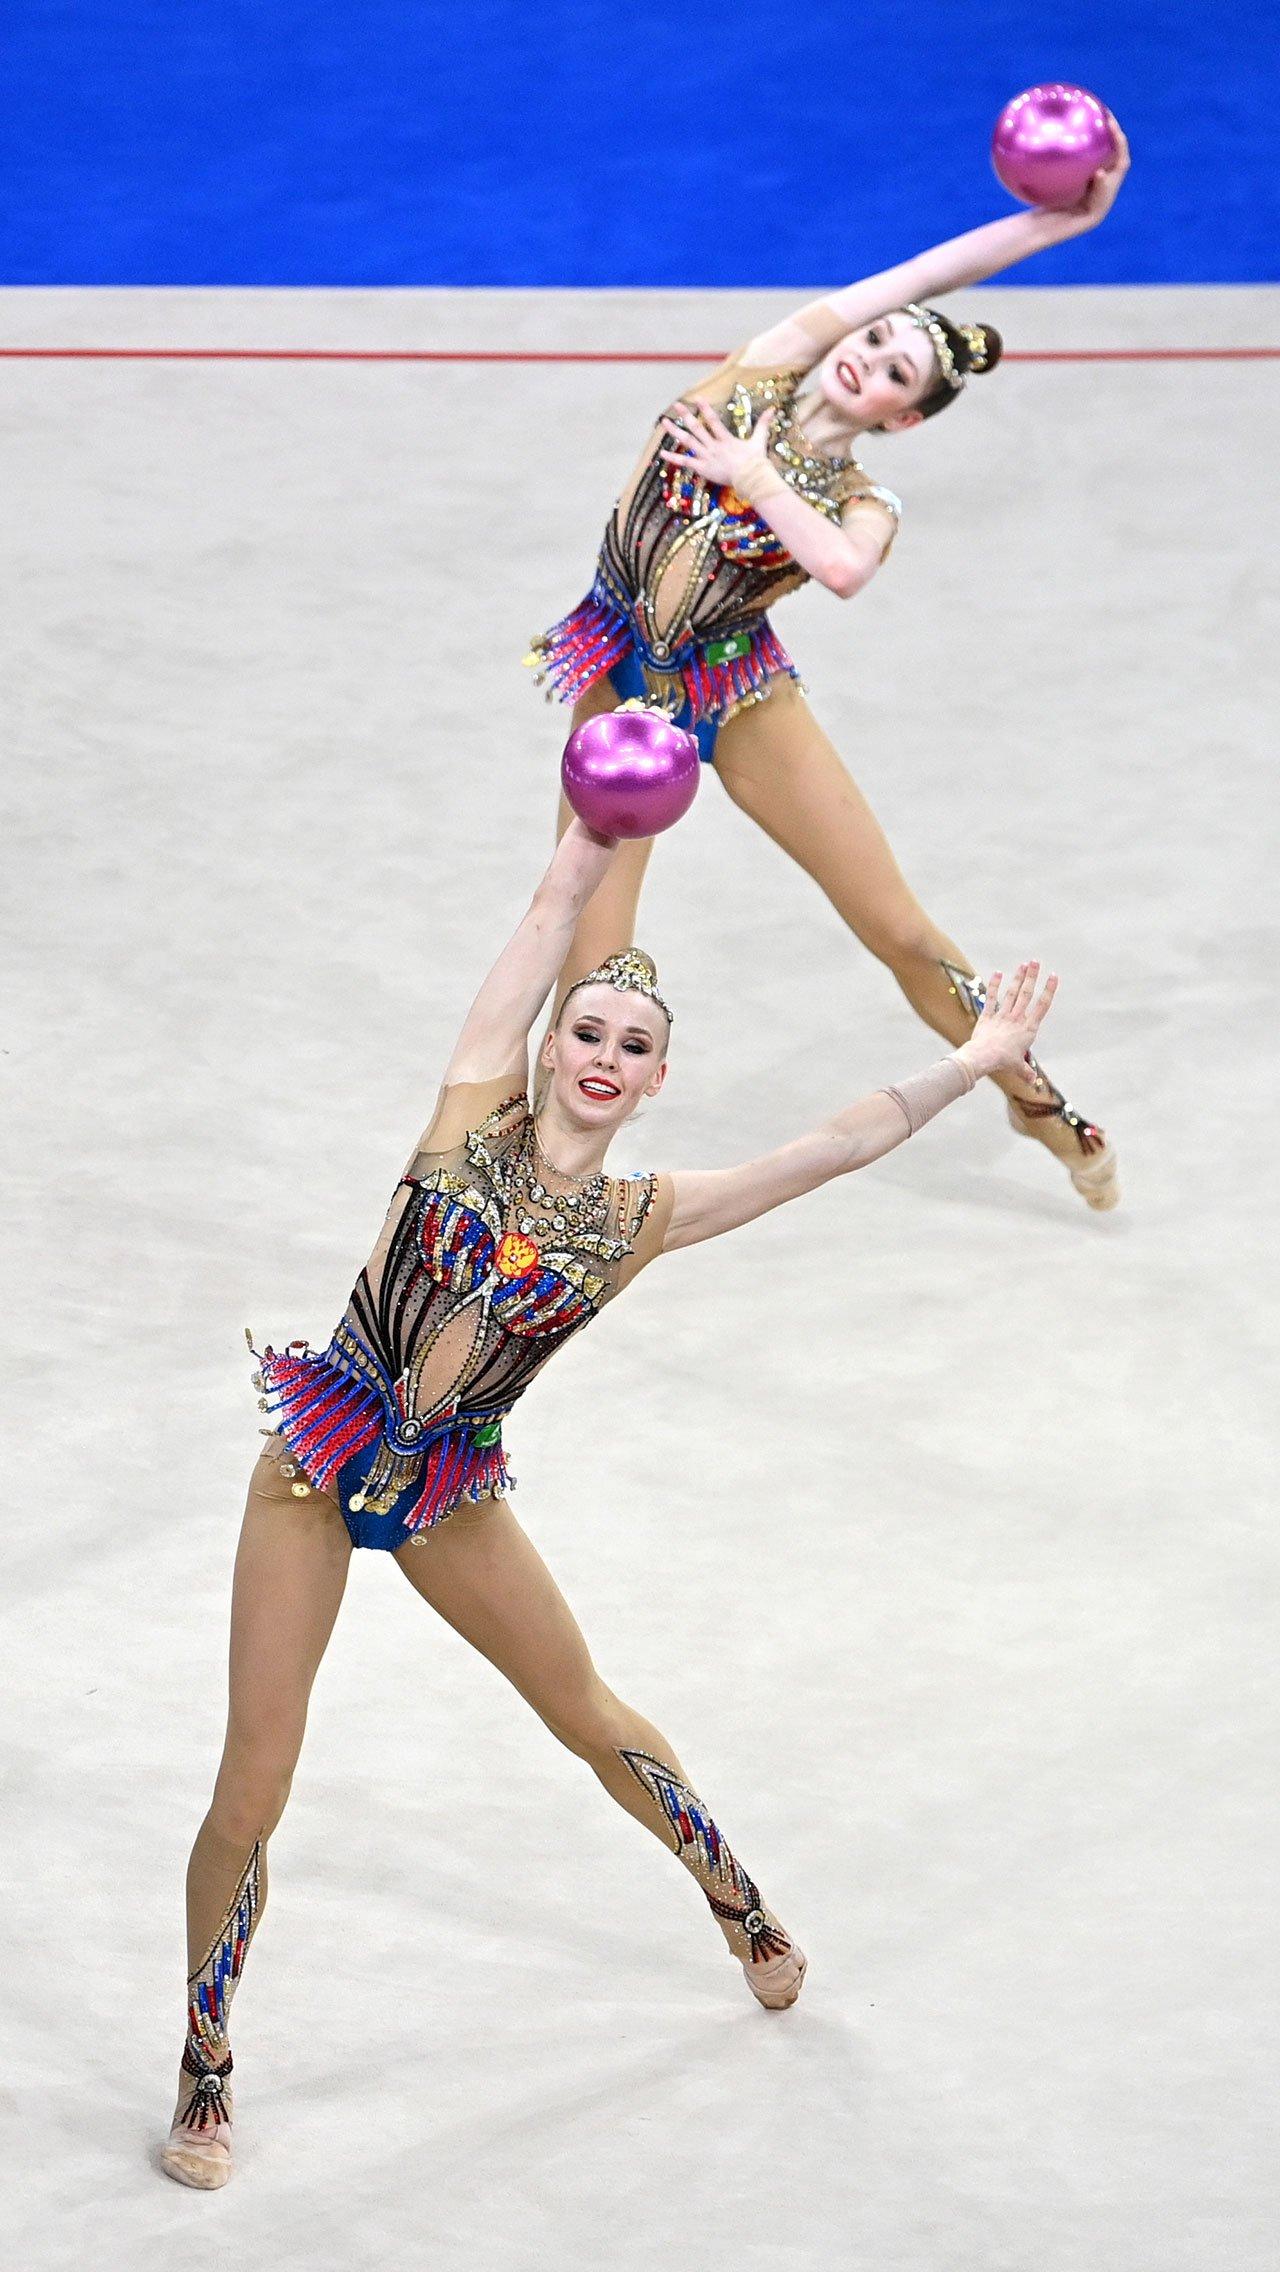 Нестабильные выступления наших групповичек за несколько недель до отъезда в Токио не могут не напрягать. Неужели россиянки рискуют потерять золото Олимпиады, которое сохранялось за ними 25 лет?